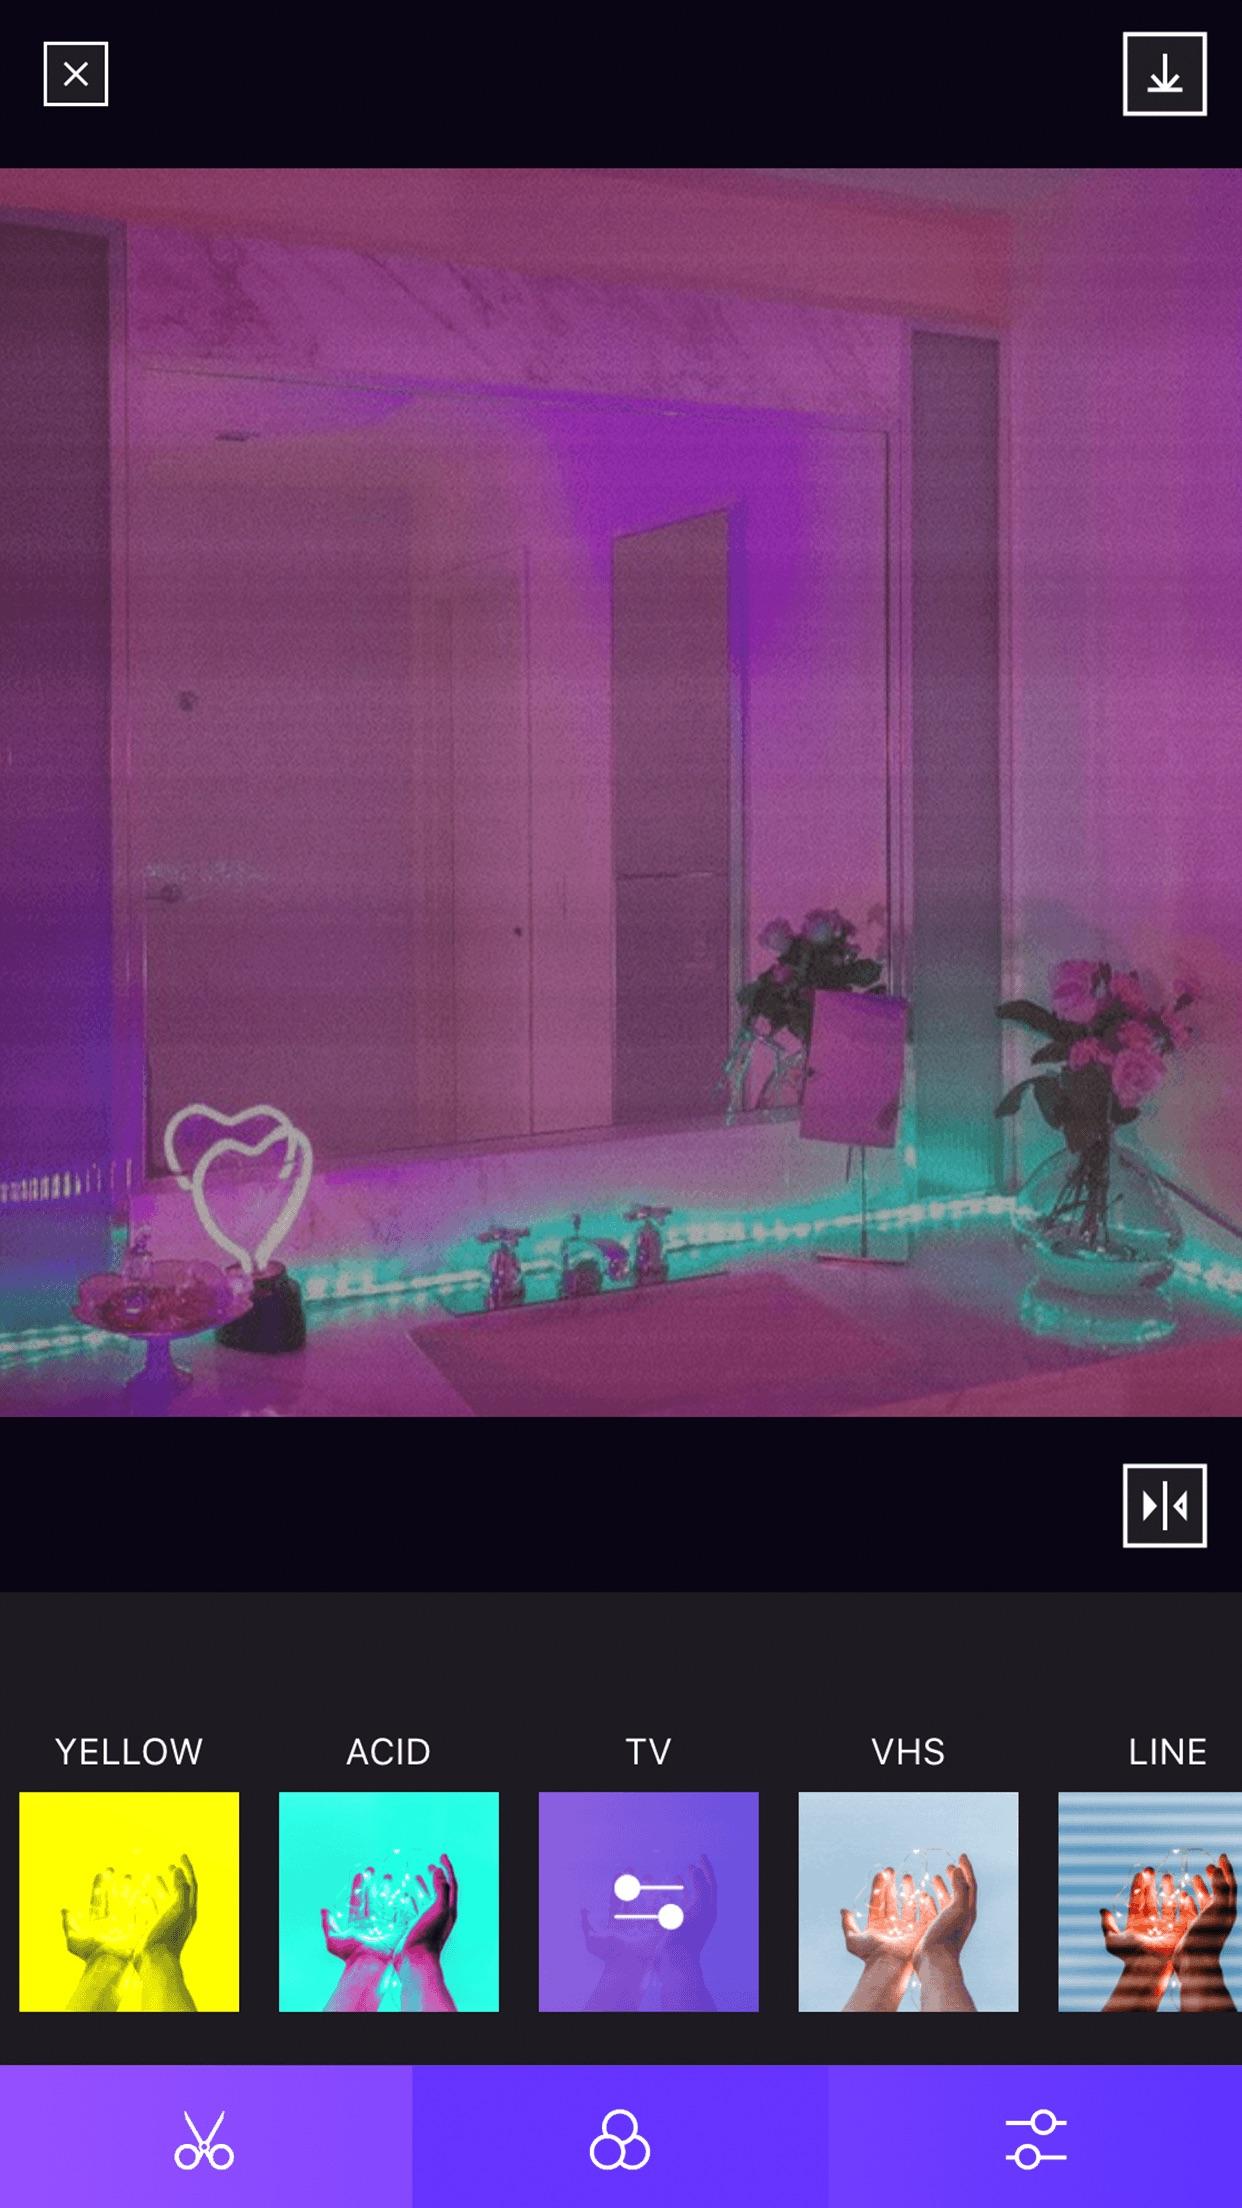 蒸汽相机-复古风格滤镜相机 Screenshot